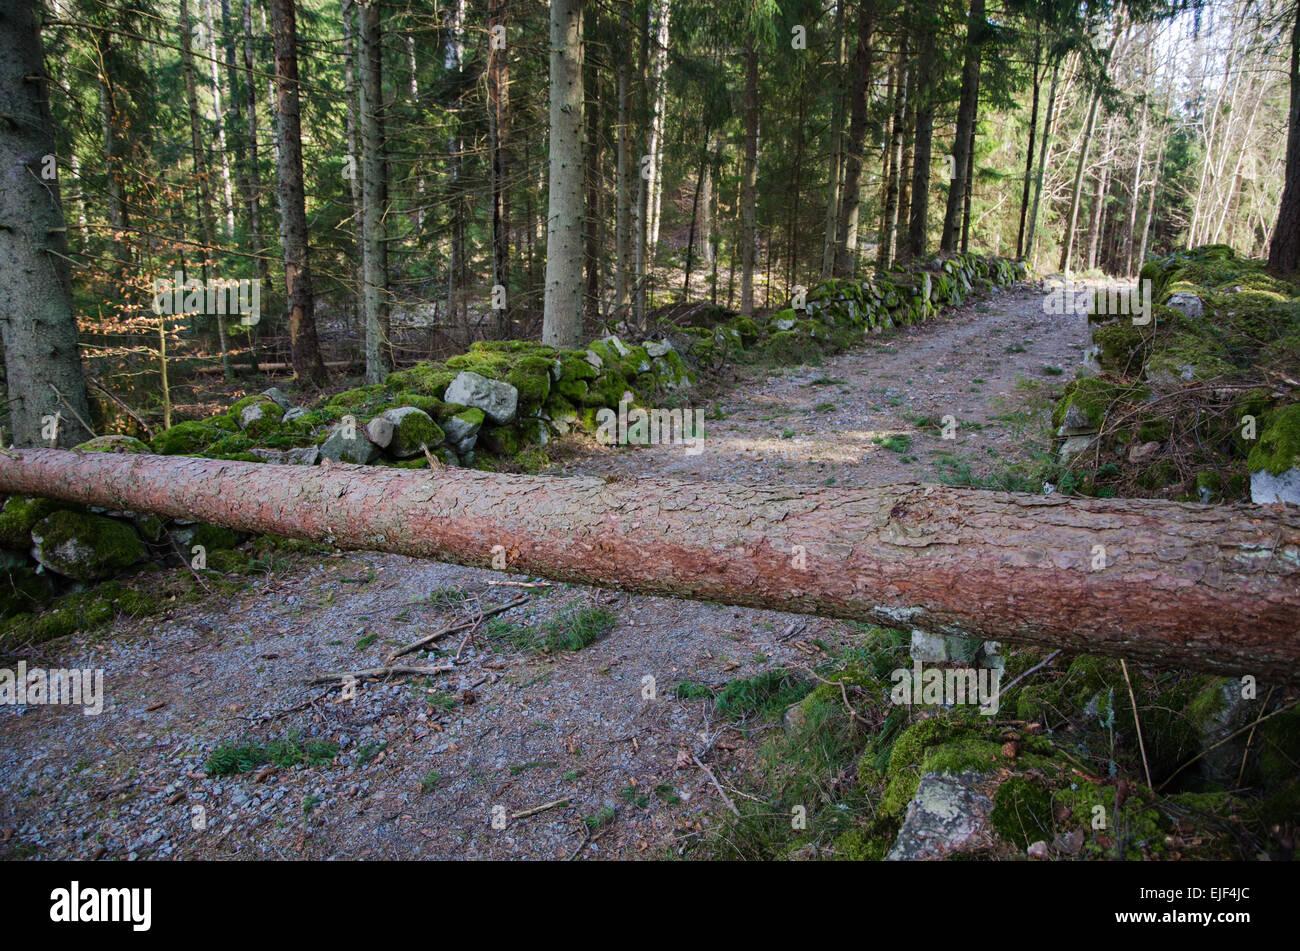 Hindernis in Form einer gefallenen Kiefer über einen Feldweg in den Wald. Aus der Provinz Småland in Schweden. Stockbild